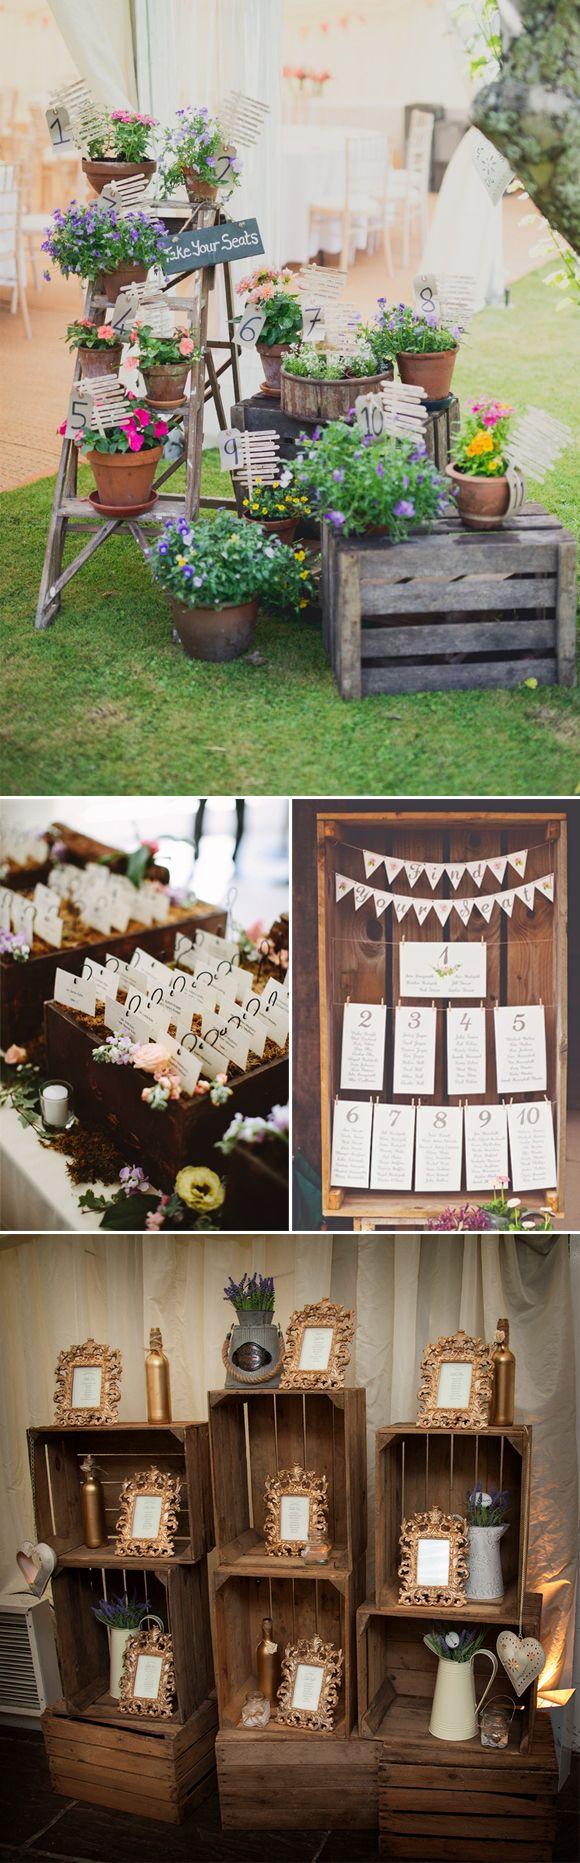 Las 25 mejores ideas sobre boda de cajas de madera en for Decoracion de cajas